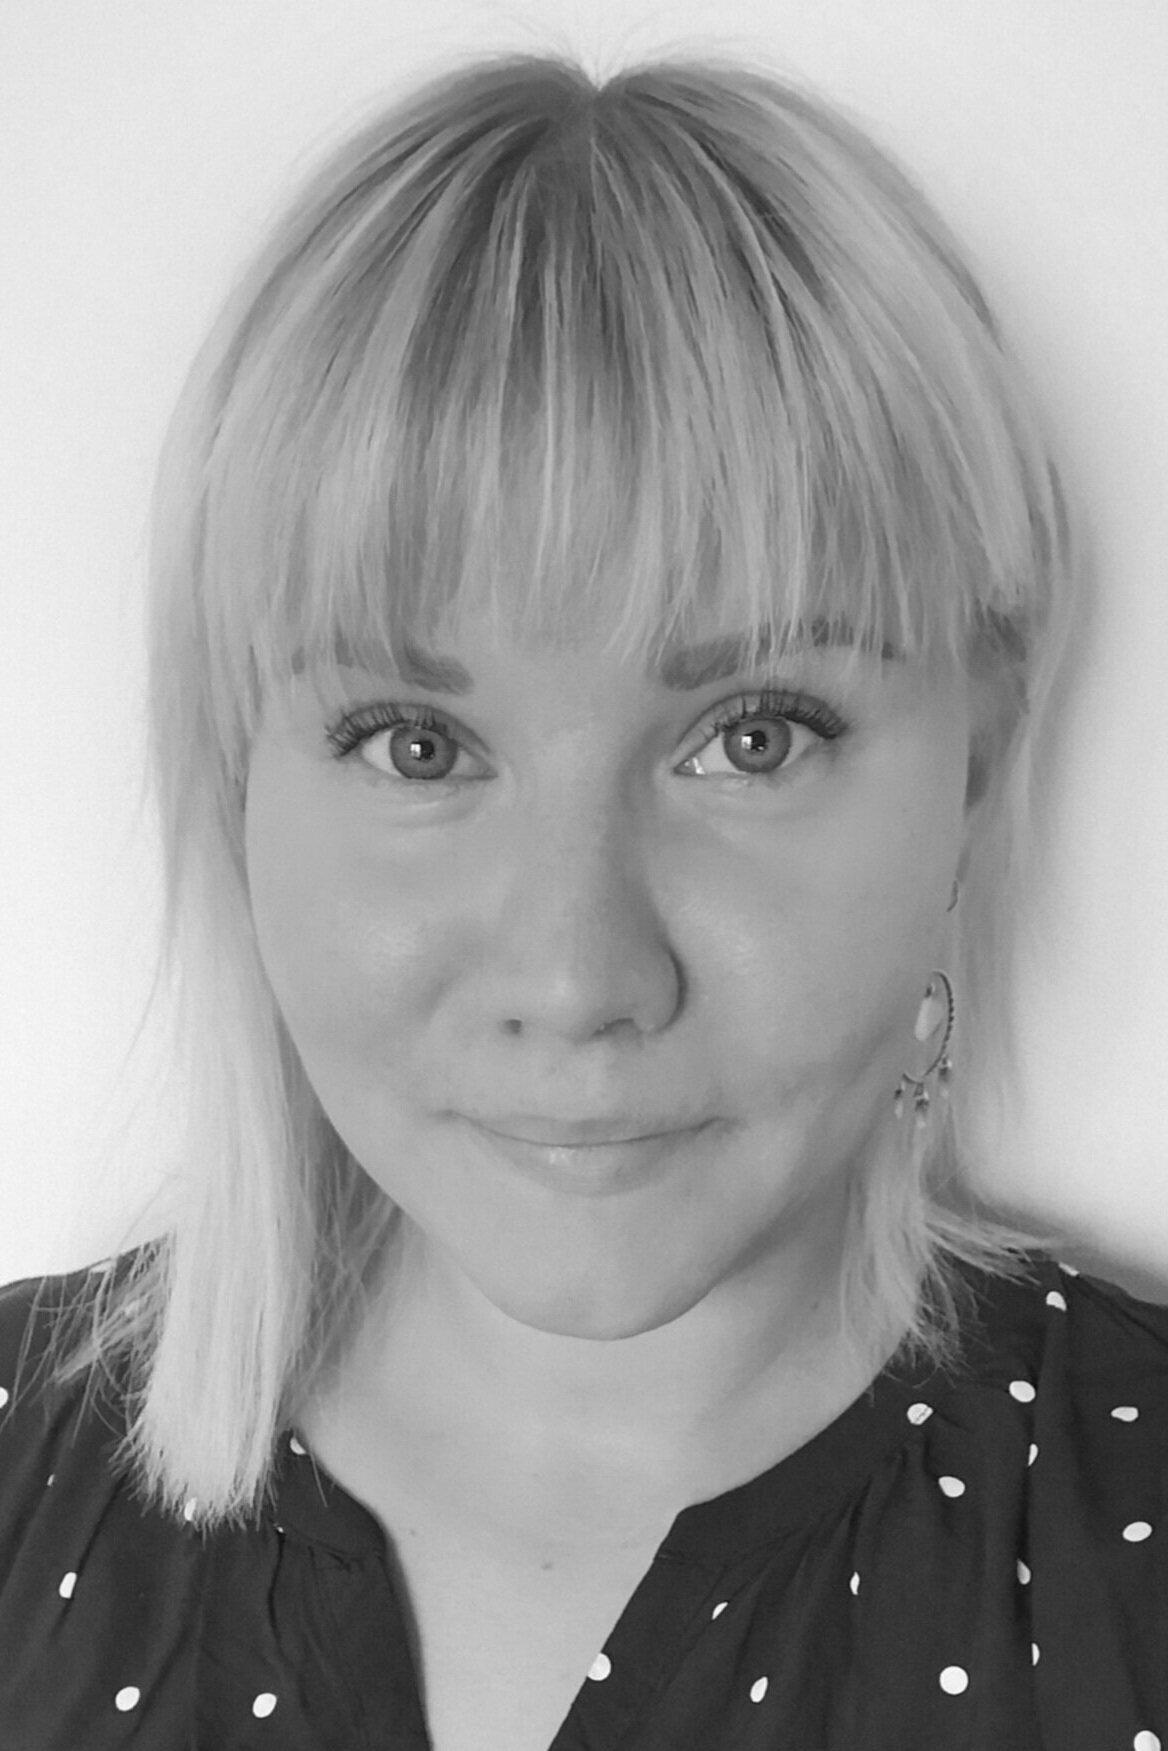 Anni guttorm - Hoitaa tiedotusta ja verkkoviestintää yhdessäChristine Langinauerin kanssacommunications@icomfinland.fi